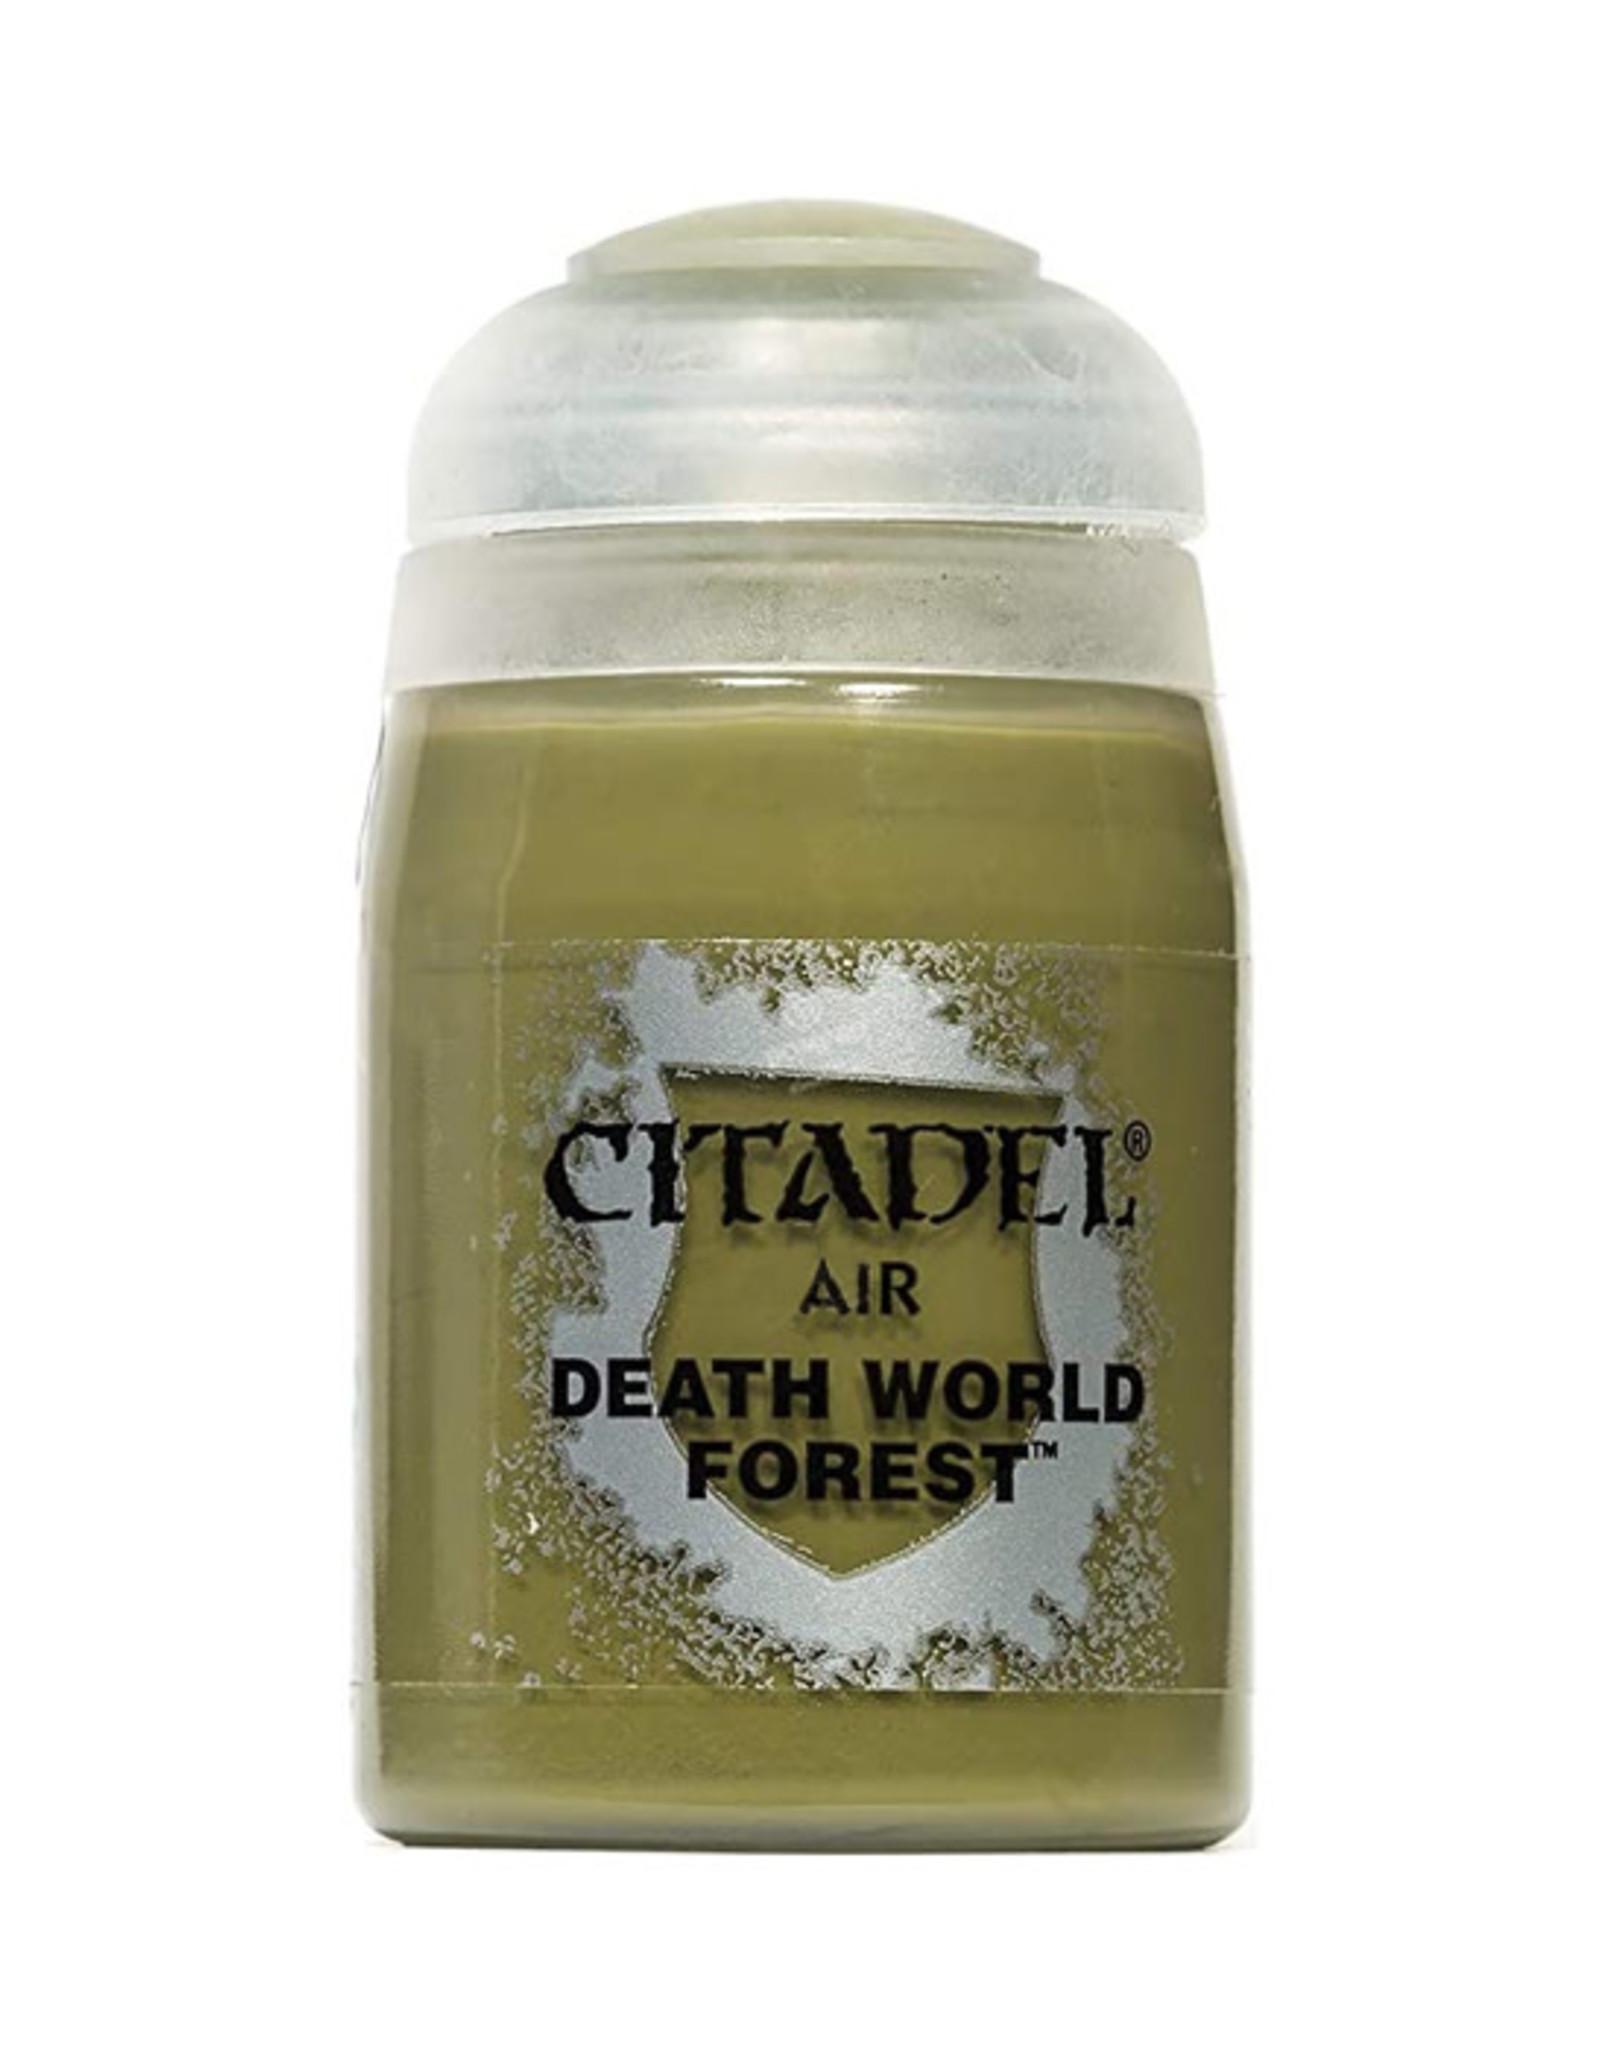 Citadel Citadel Colour: Air - Deathworld Forest